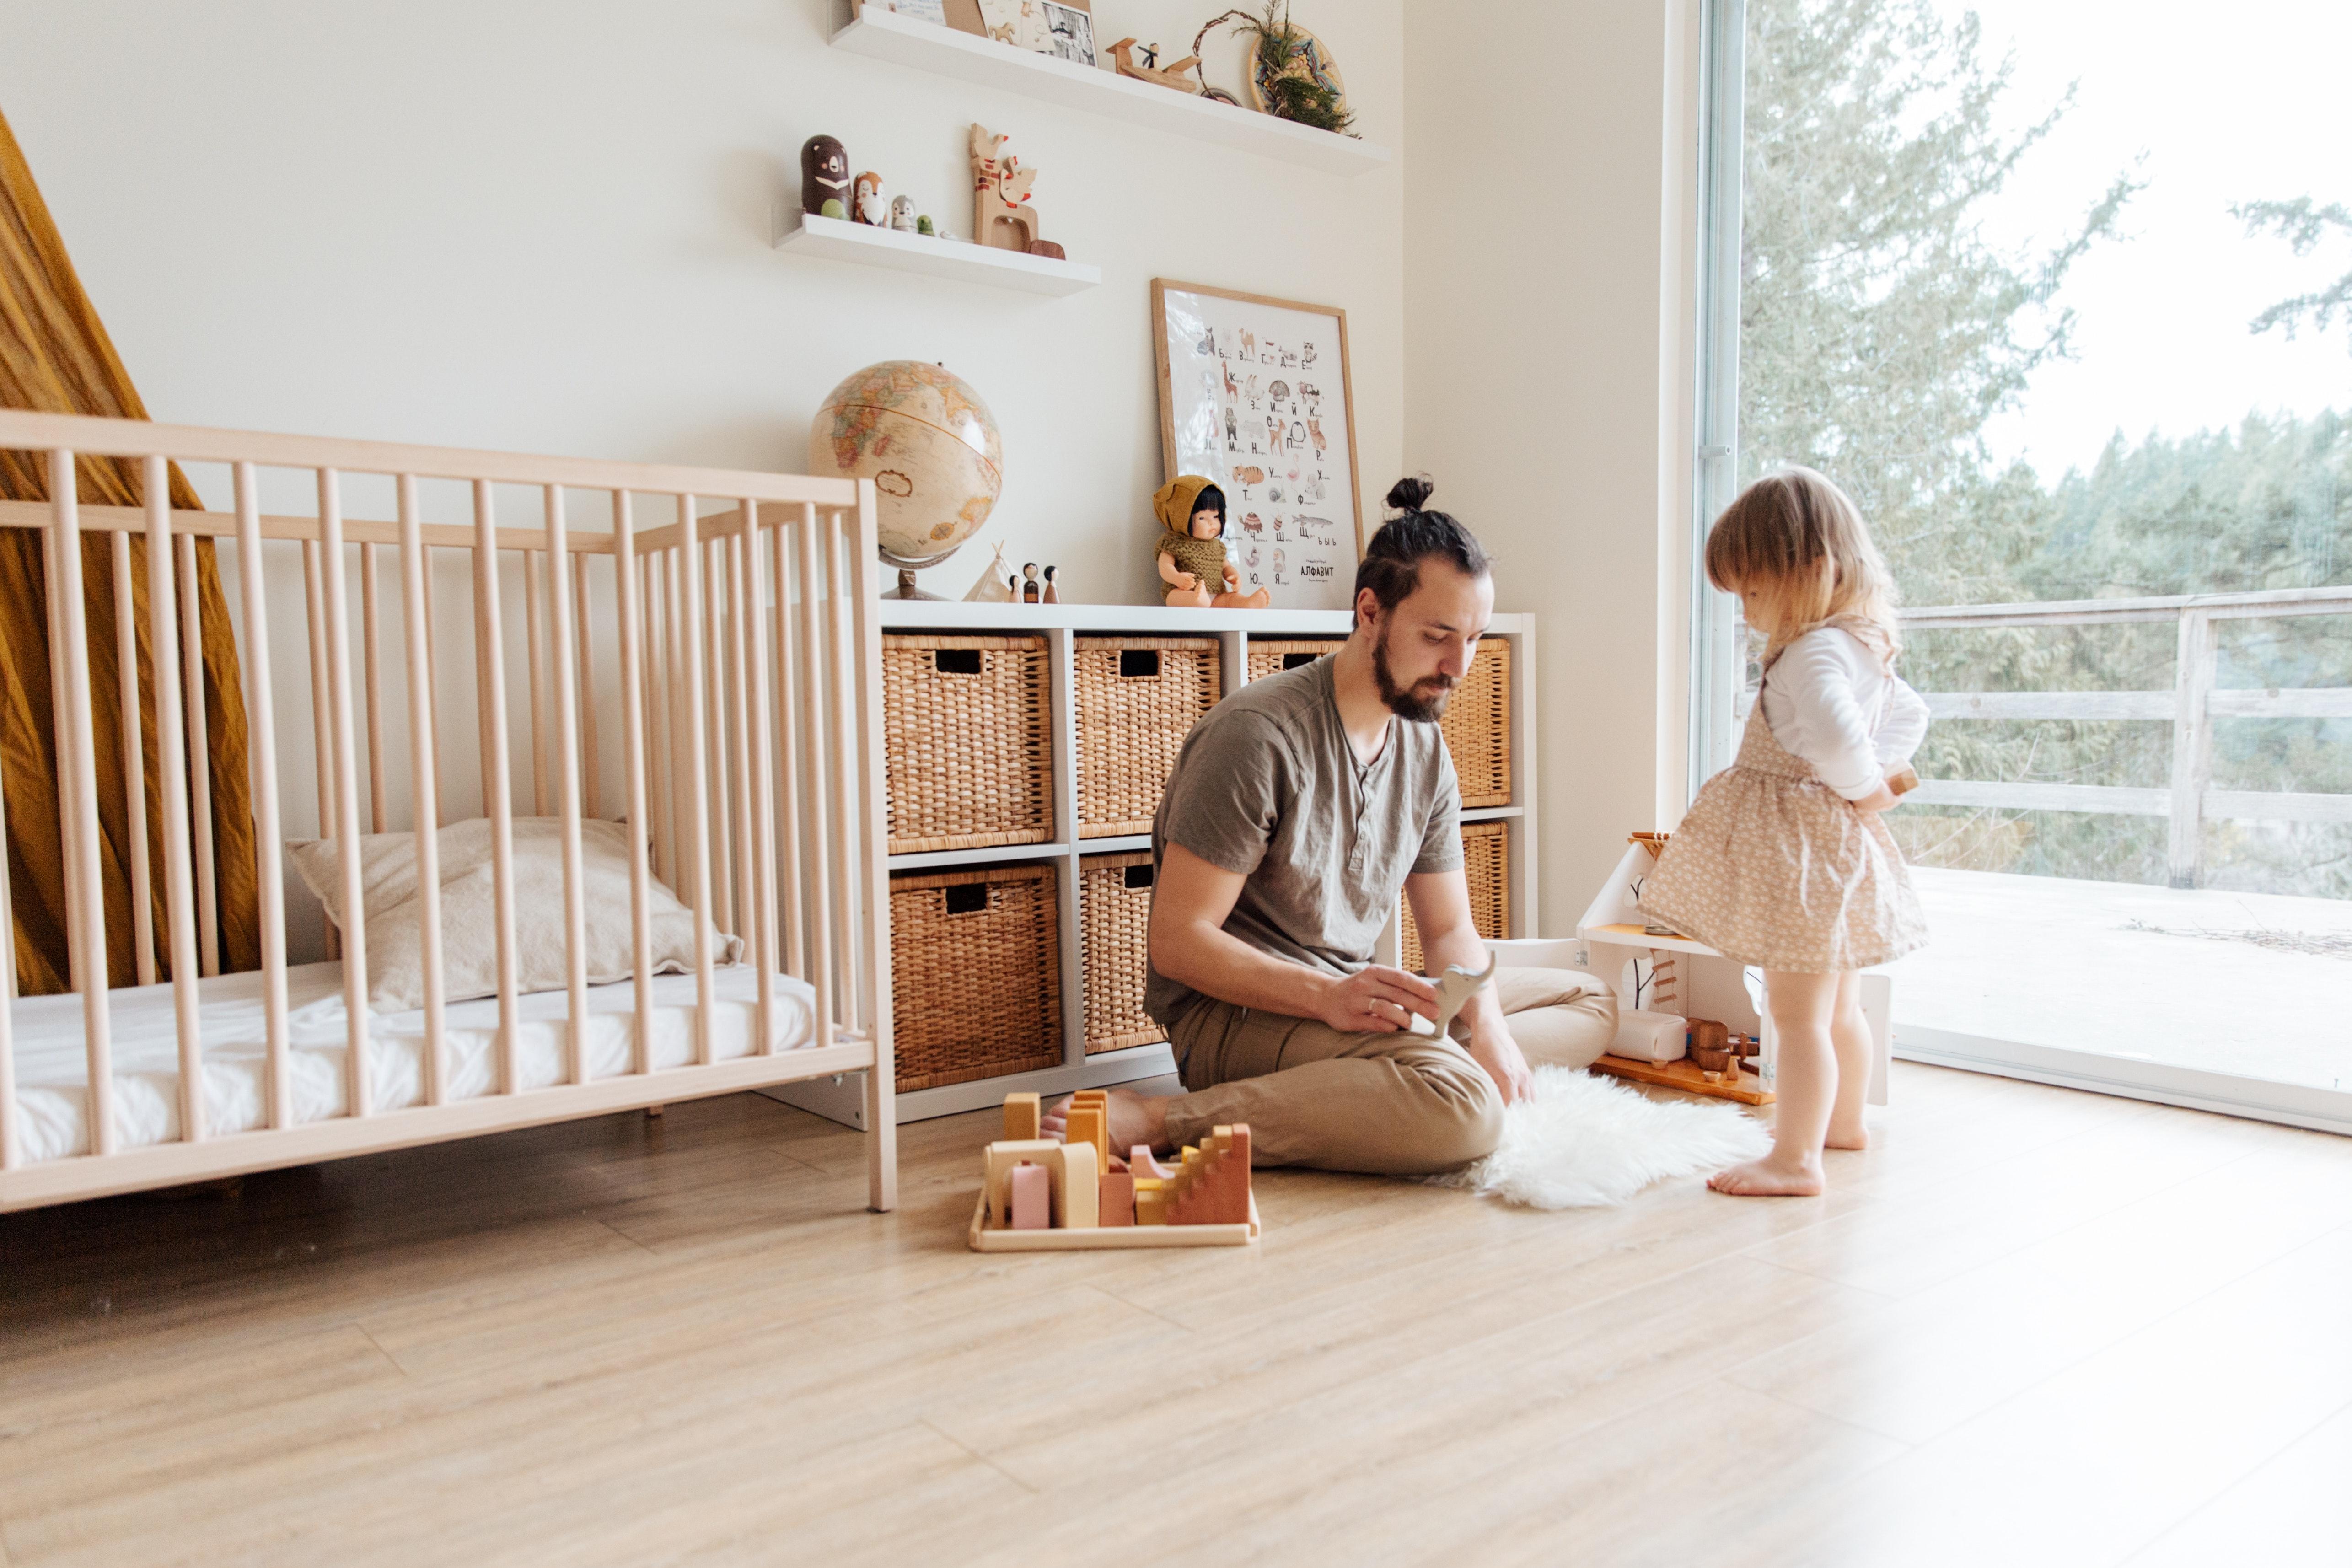 Aj muži majú svoje dni. Potešte otca na Deň otcov štýlovým dreveným darčekom!